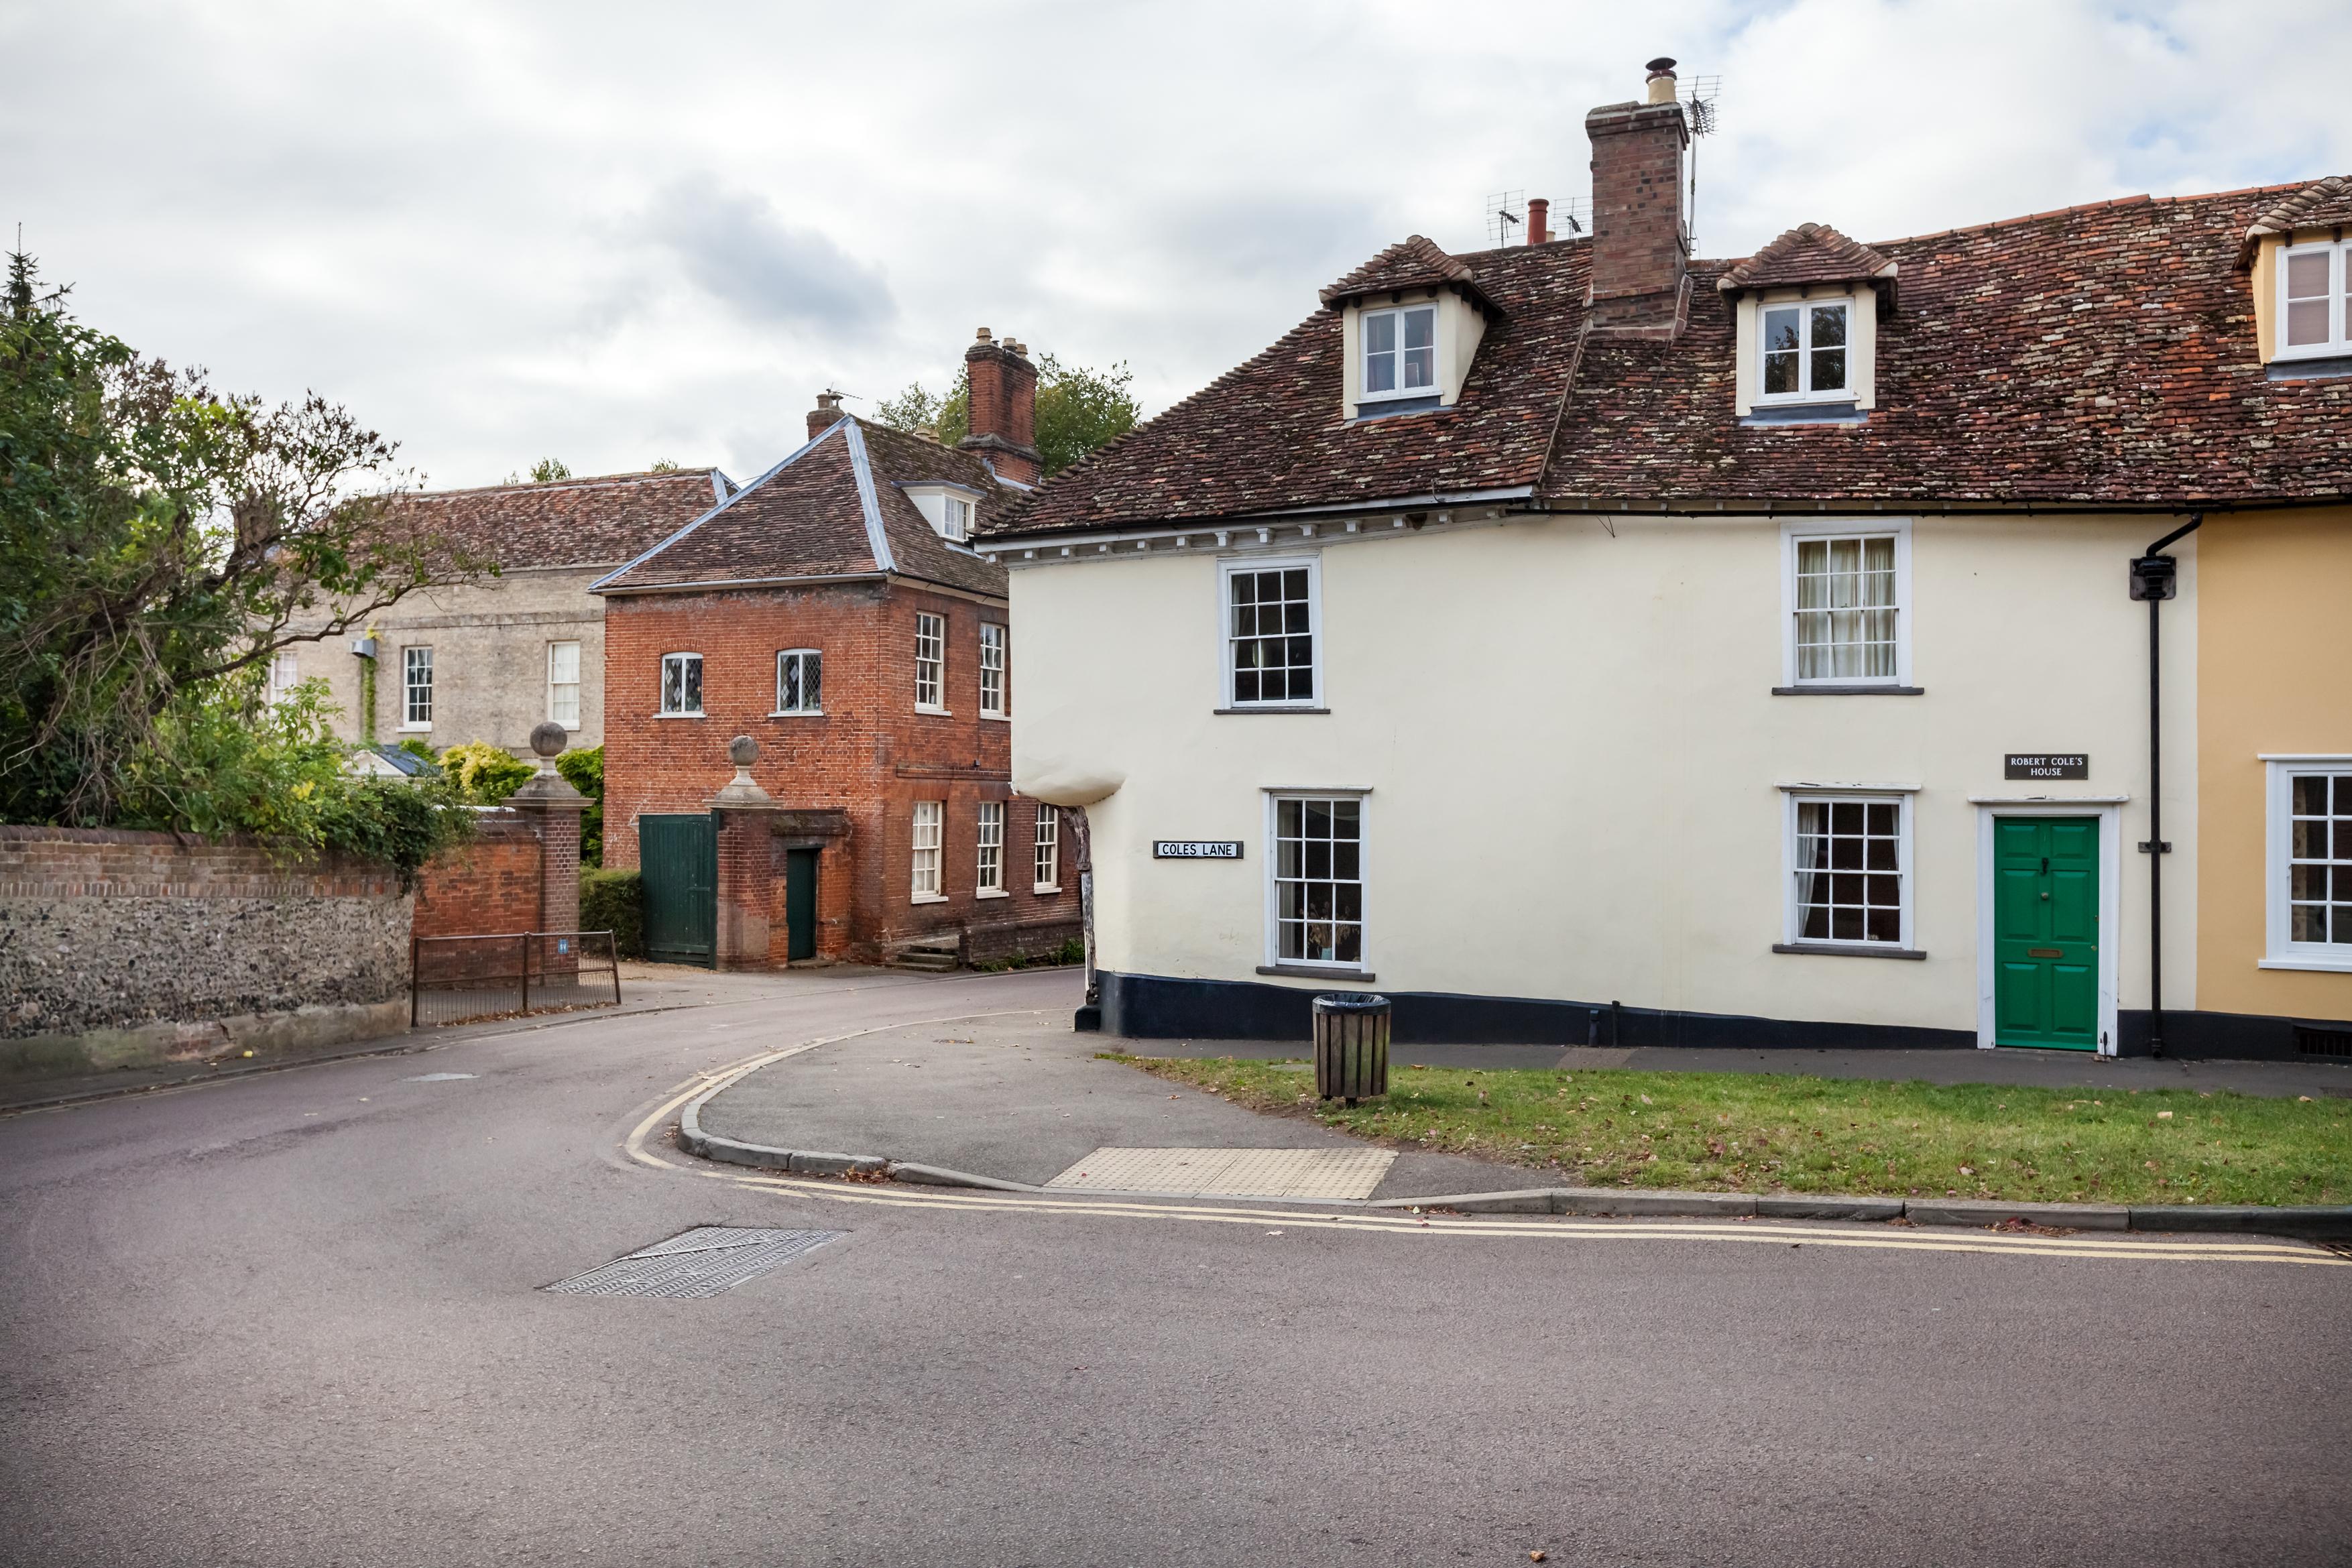 Linton & Villages